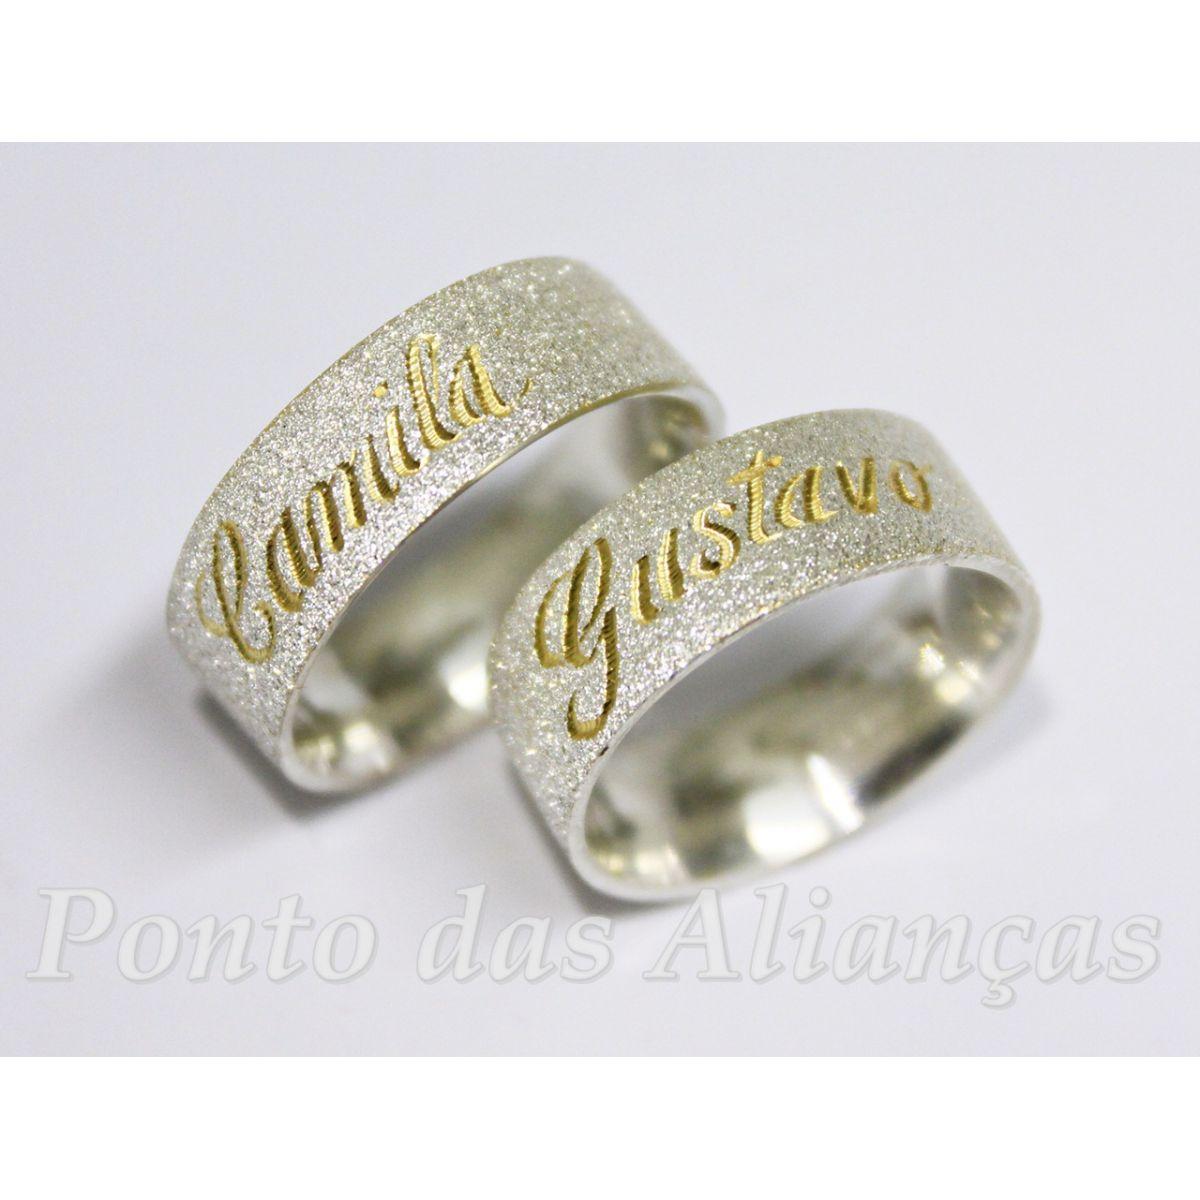 Alianças de Prata compromisso - 3043